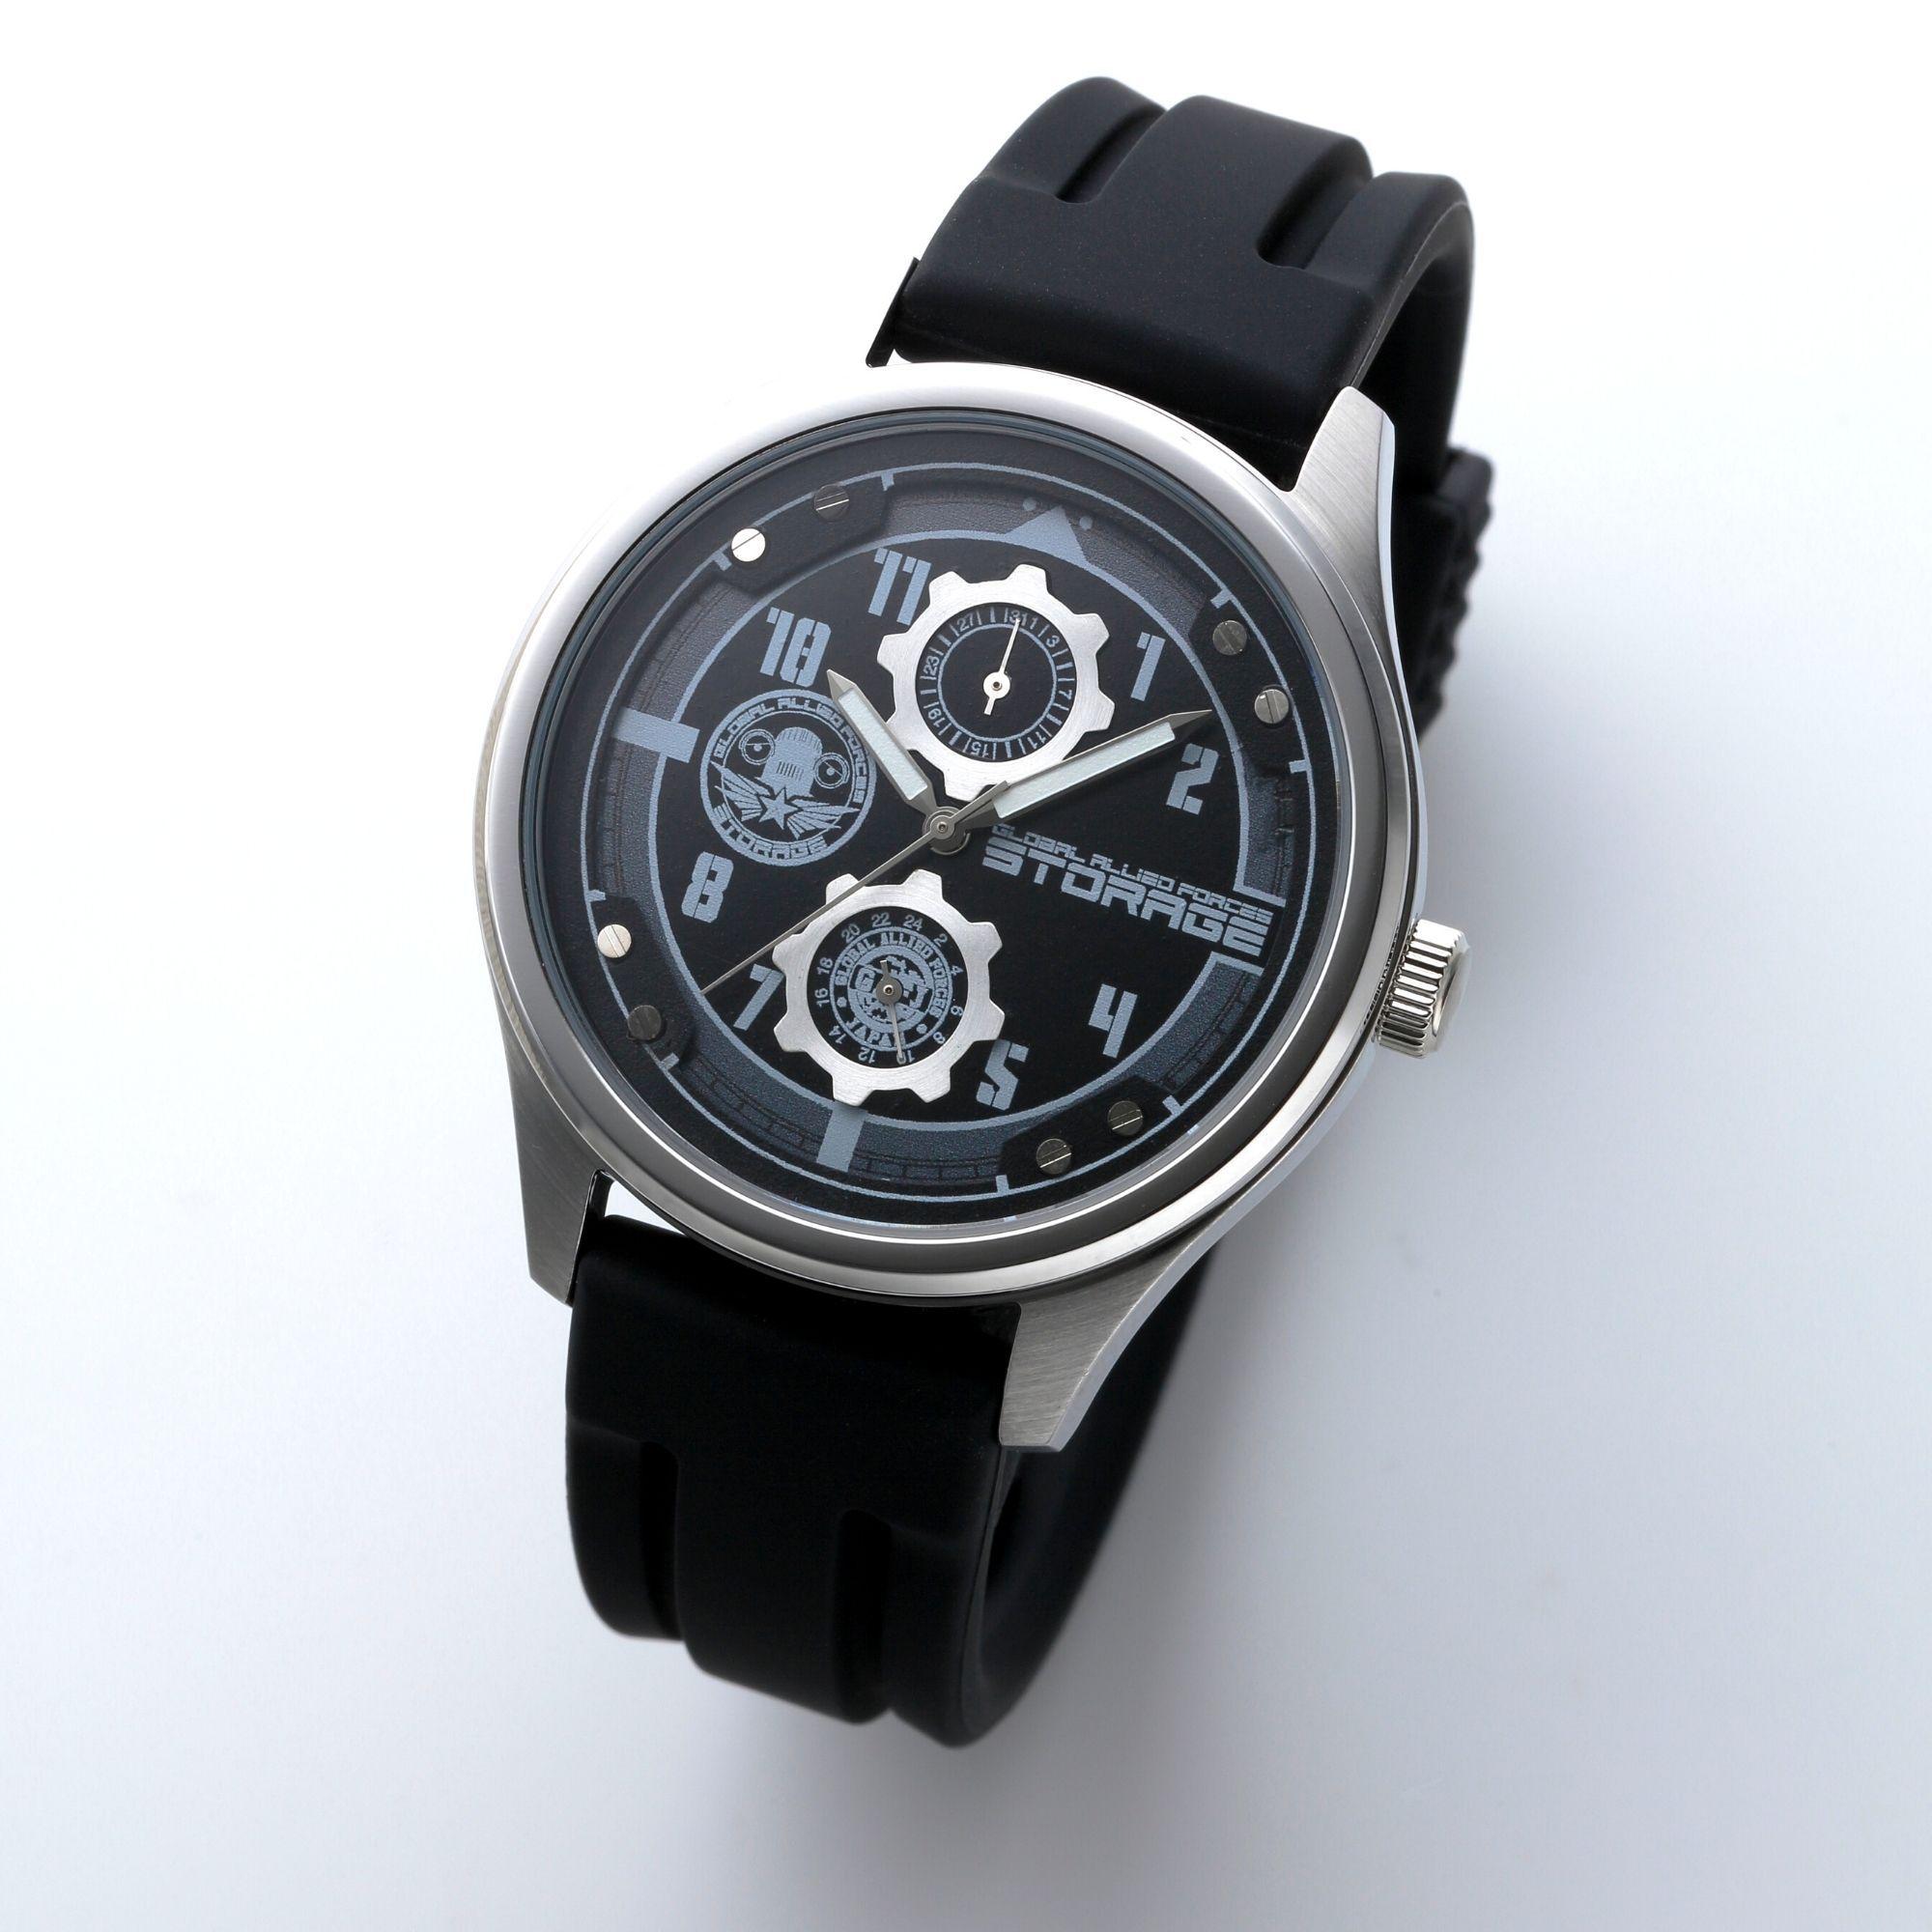 超人力霸王Z「STORAGE」款式腕錶